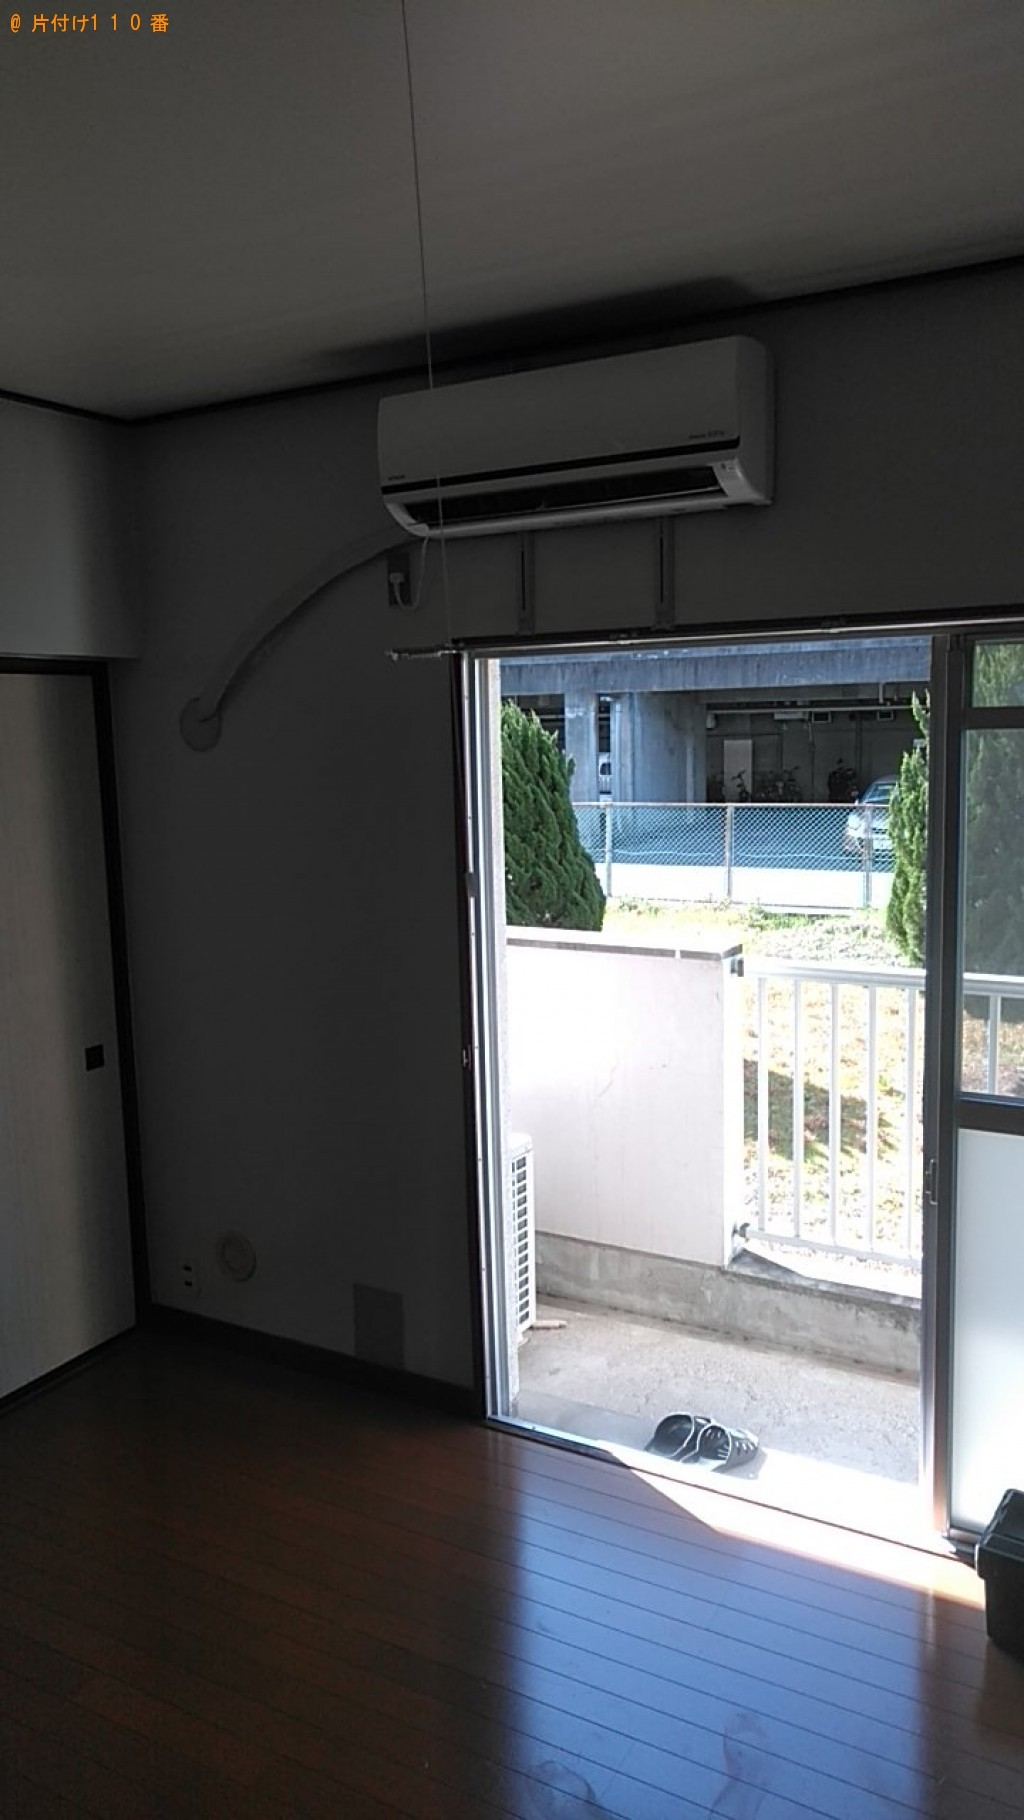 【松山市】エアコンの取り外しと回収・処分ご依頼 お客様の声